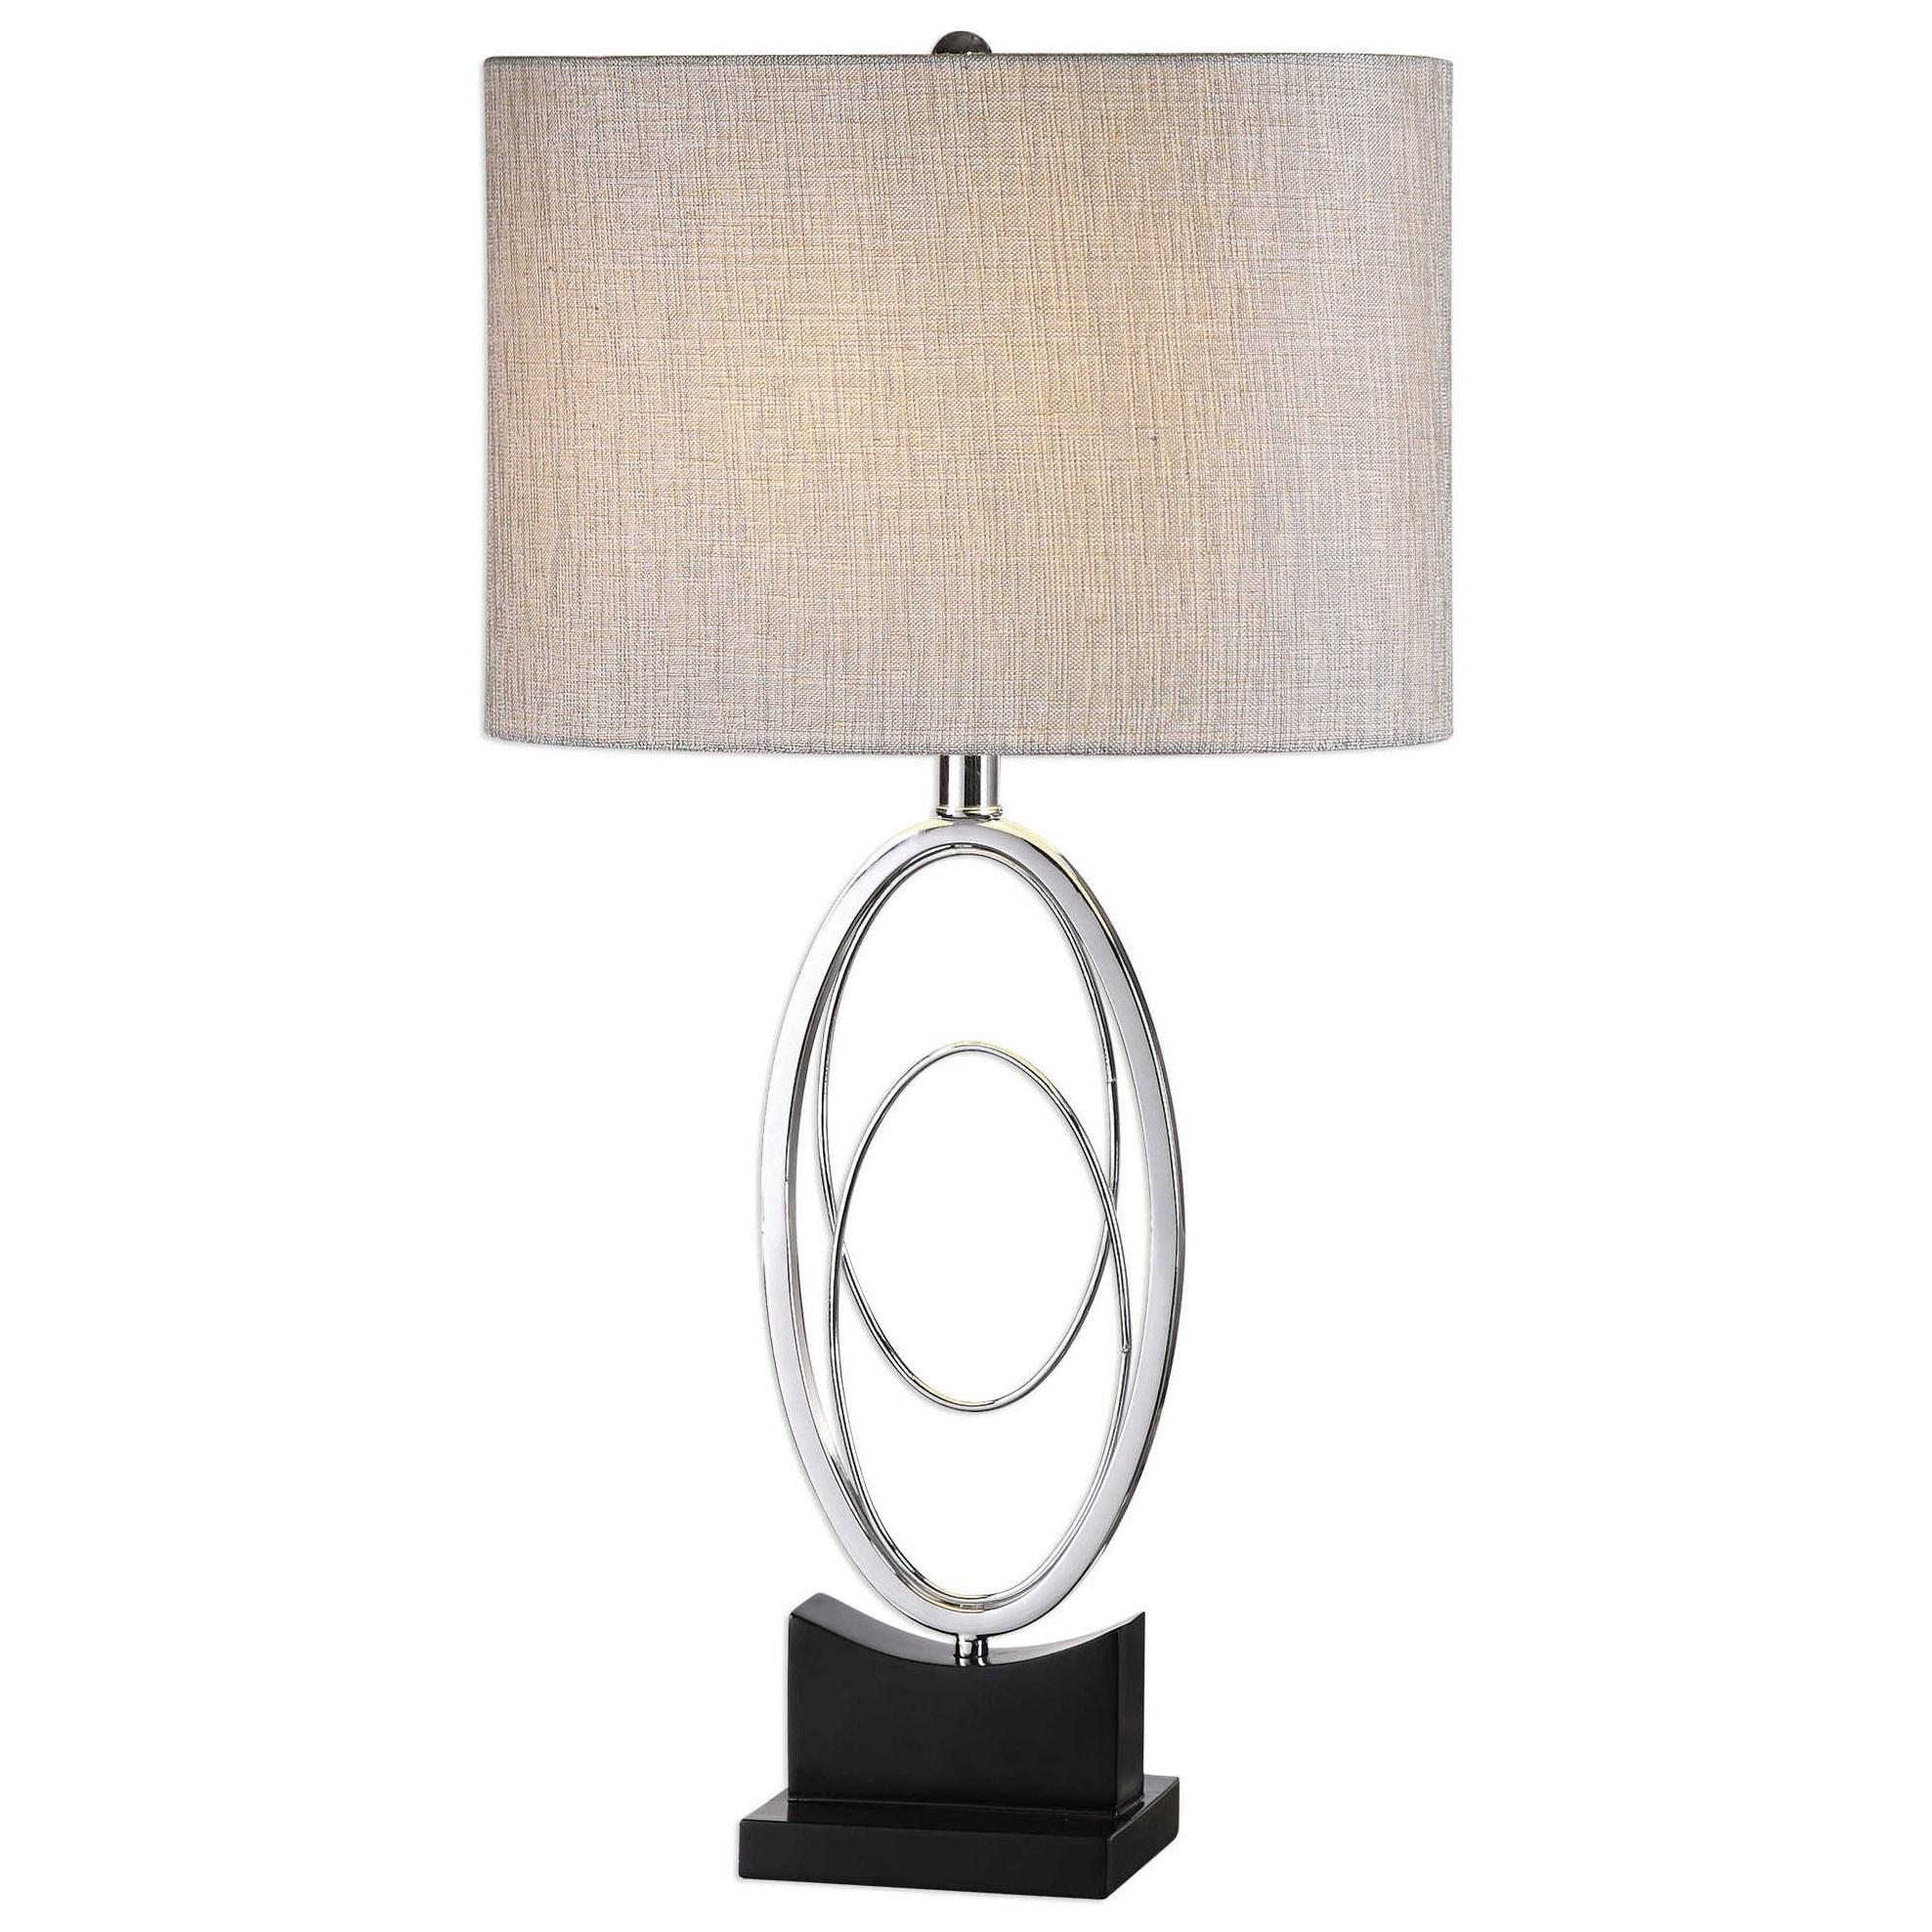 Savant Polished Nickel Table Lamp